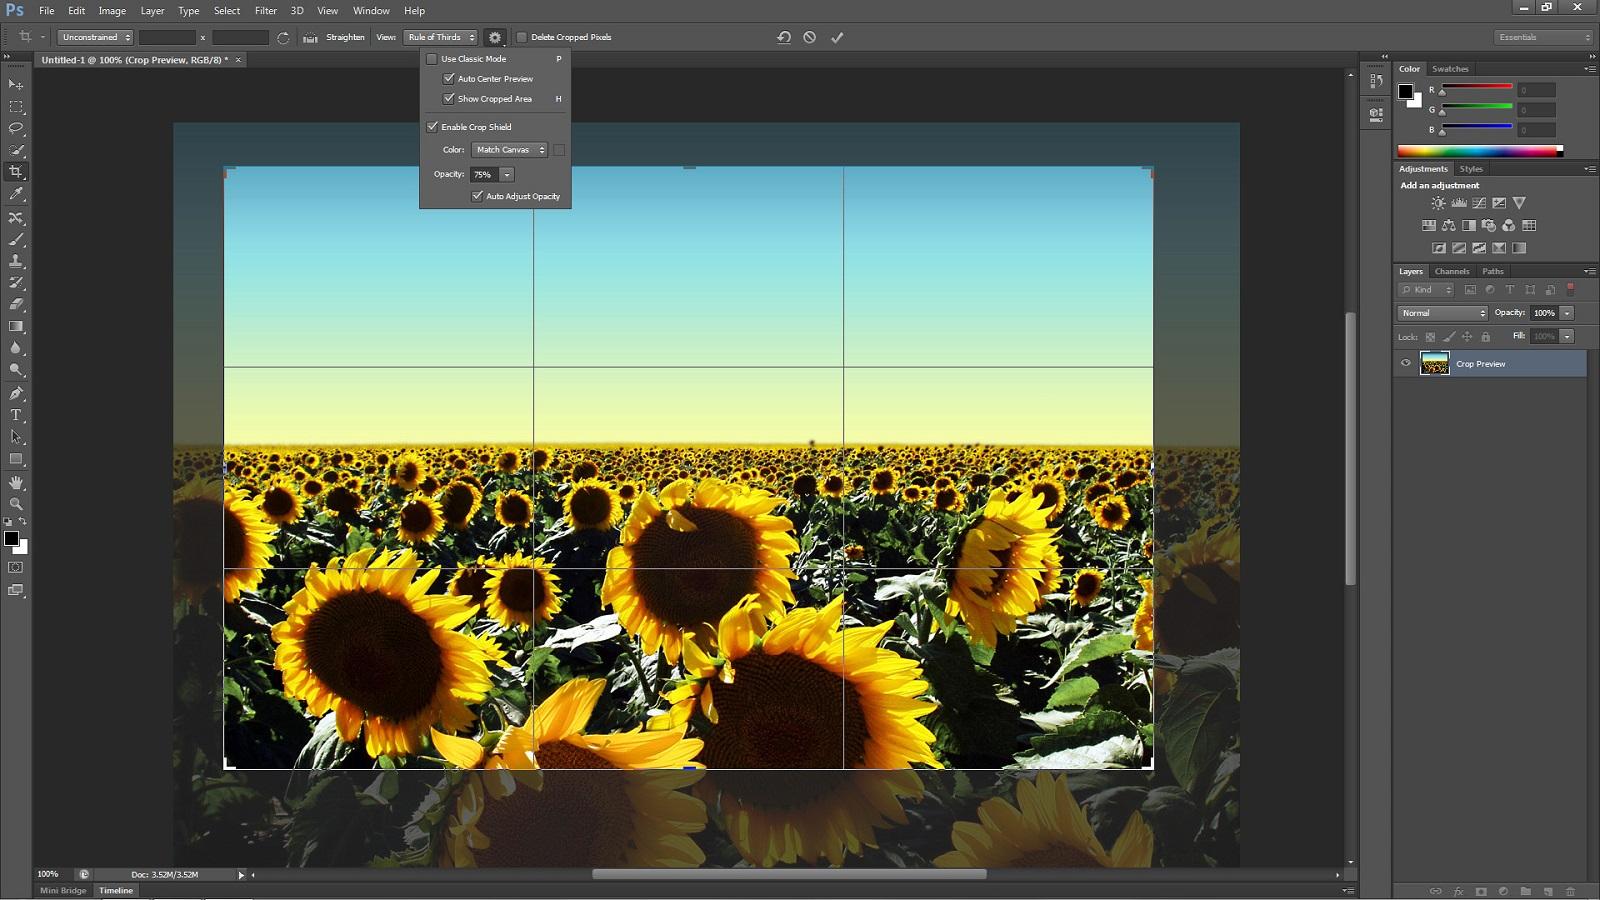 Φωτογραφική Μηχανή DSLR - Megapixels